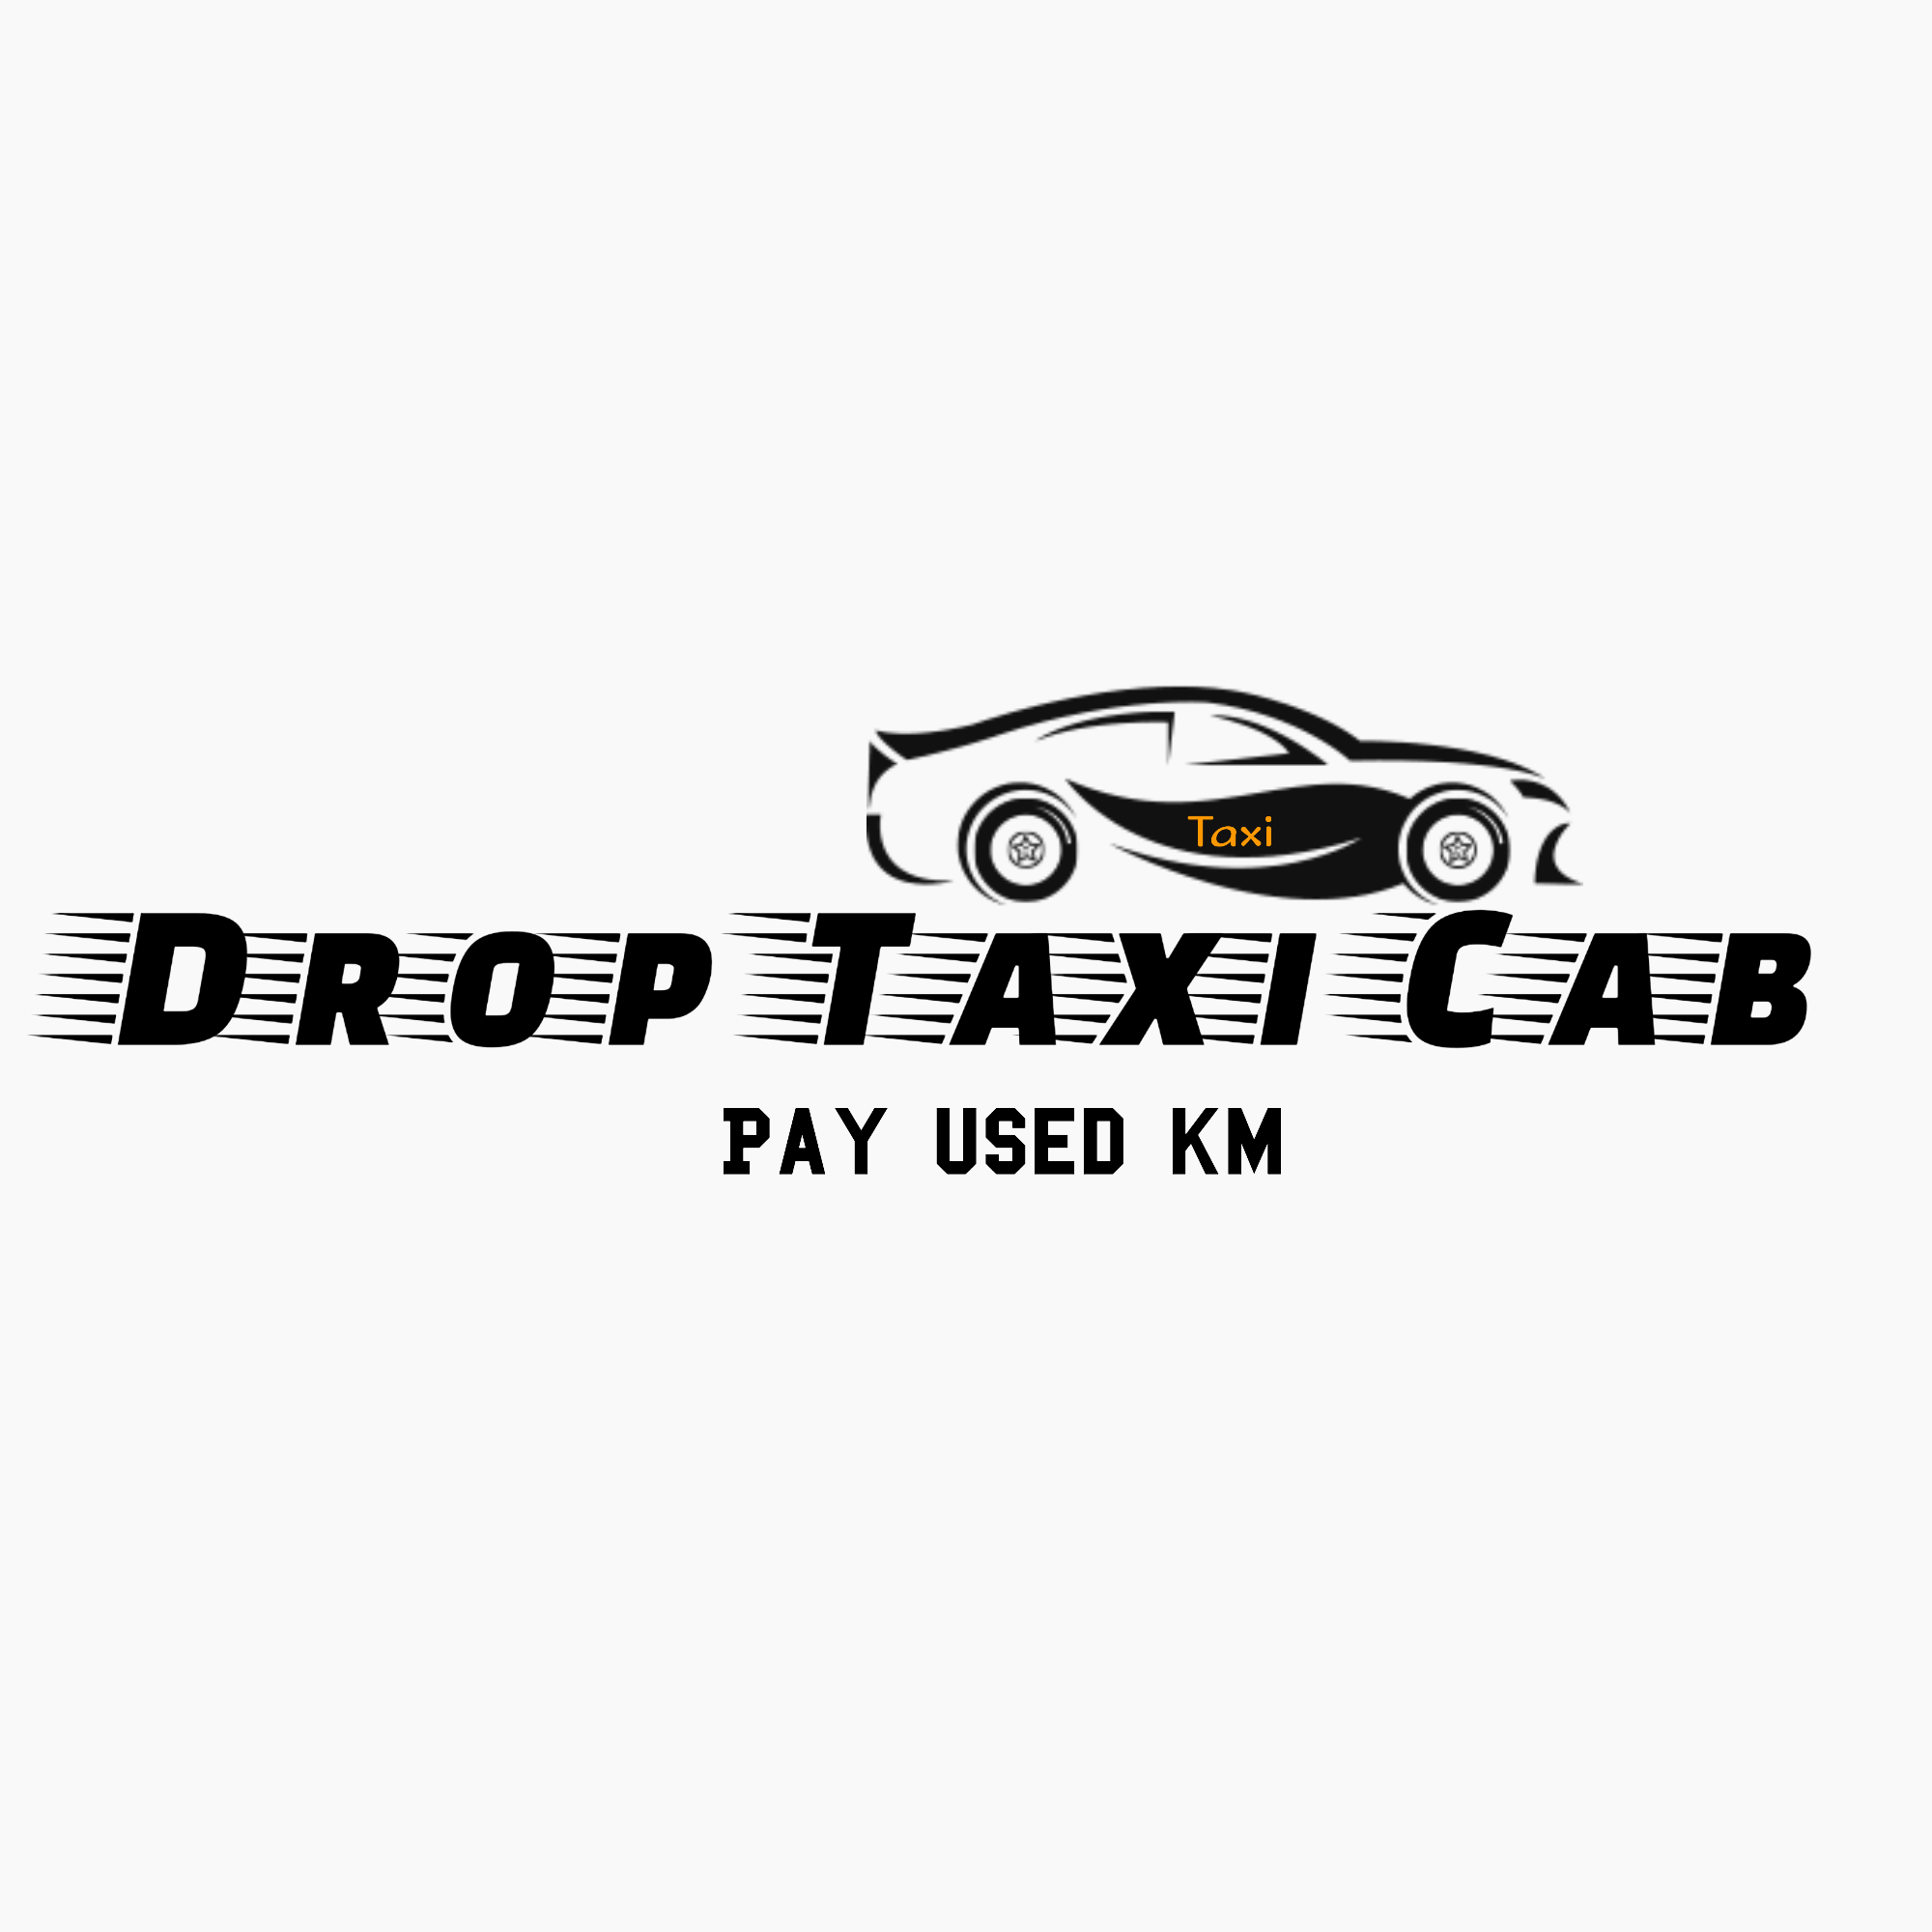 Drop Taxi Cab